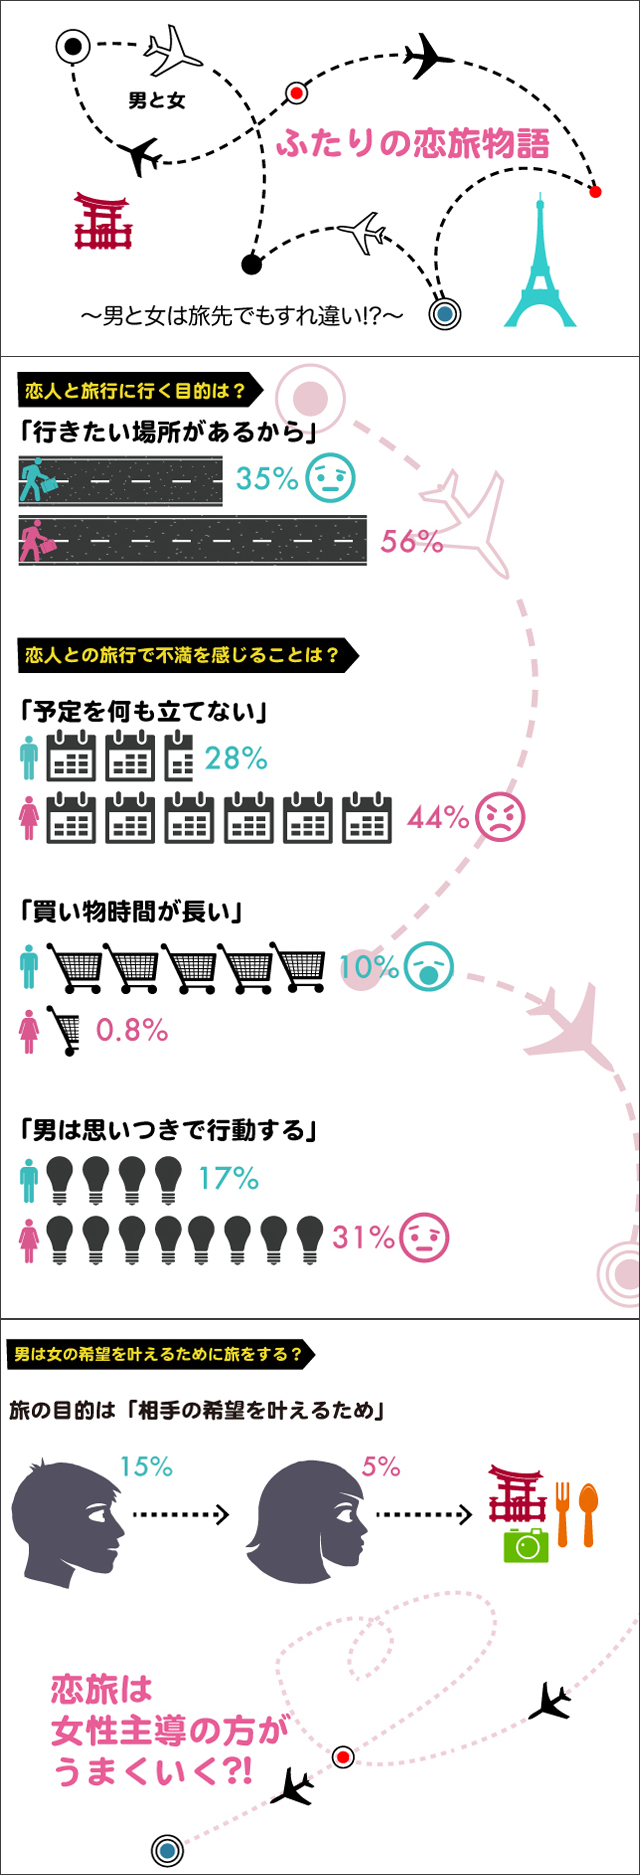 インフォグラフィック:男女で違う旅行の考え方。旅先ではいつも以上の思いやりが大切